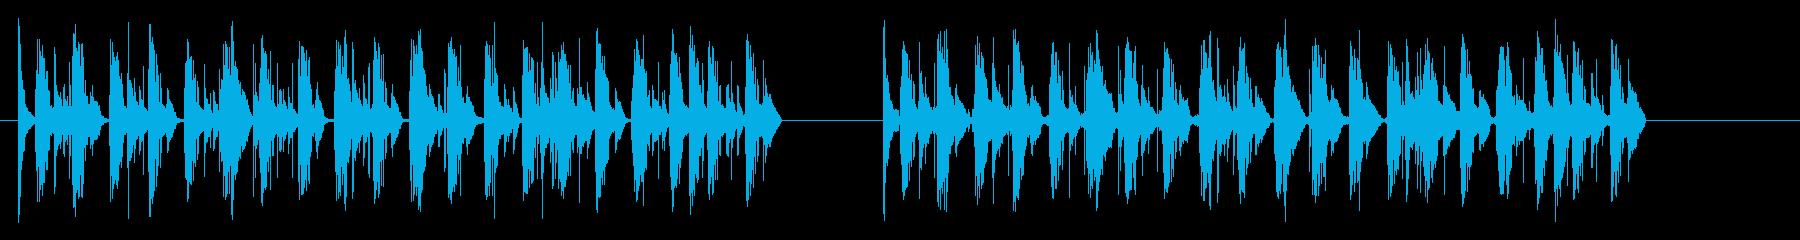 楽しいマシン-2バージョンの再生済みの波形